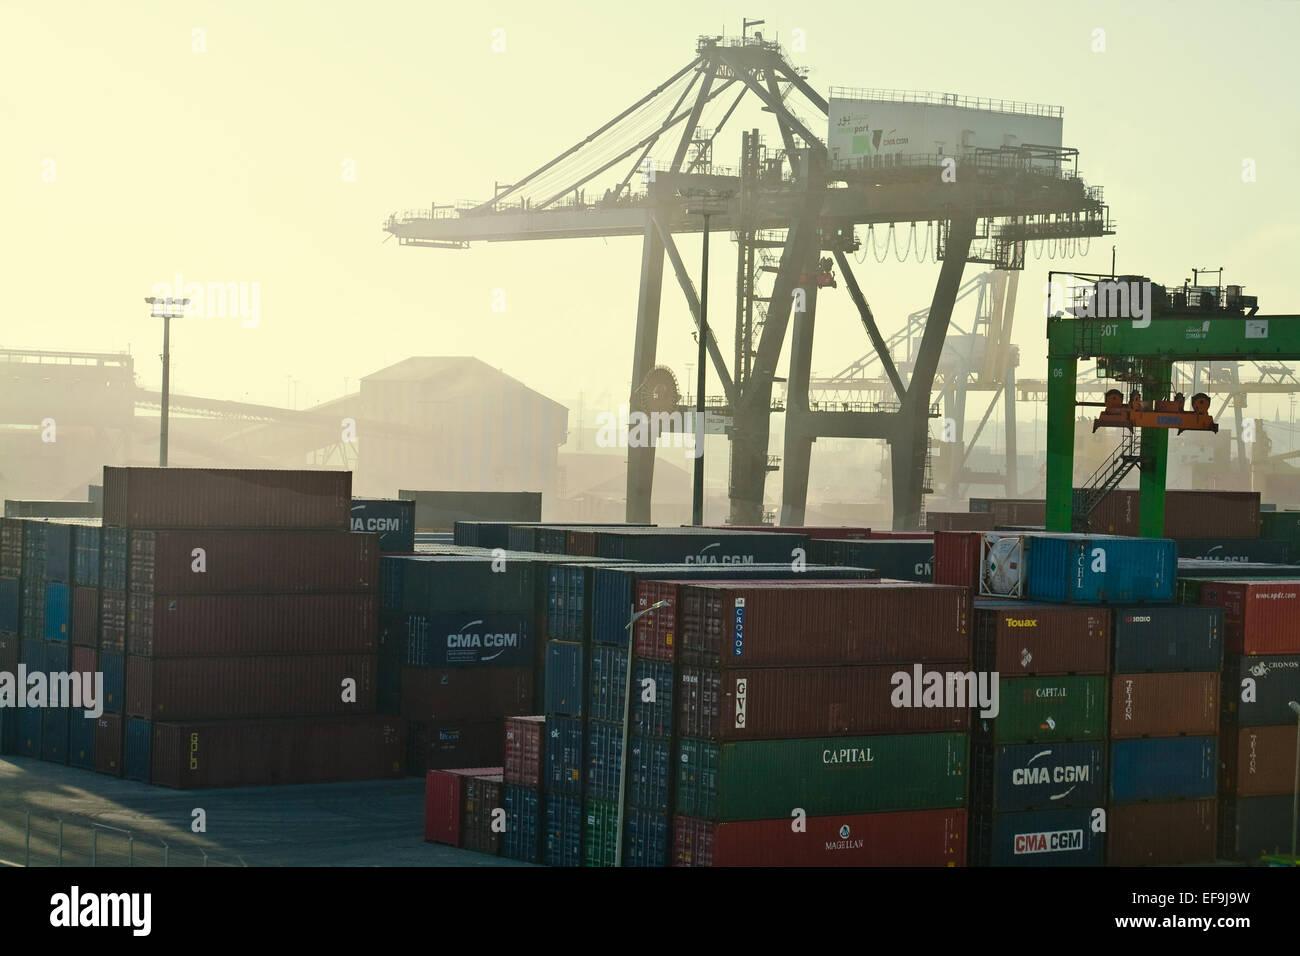 Casablanca les chantiers navals de l'aube avec teinte jaune Photo Stock